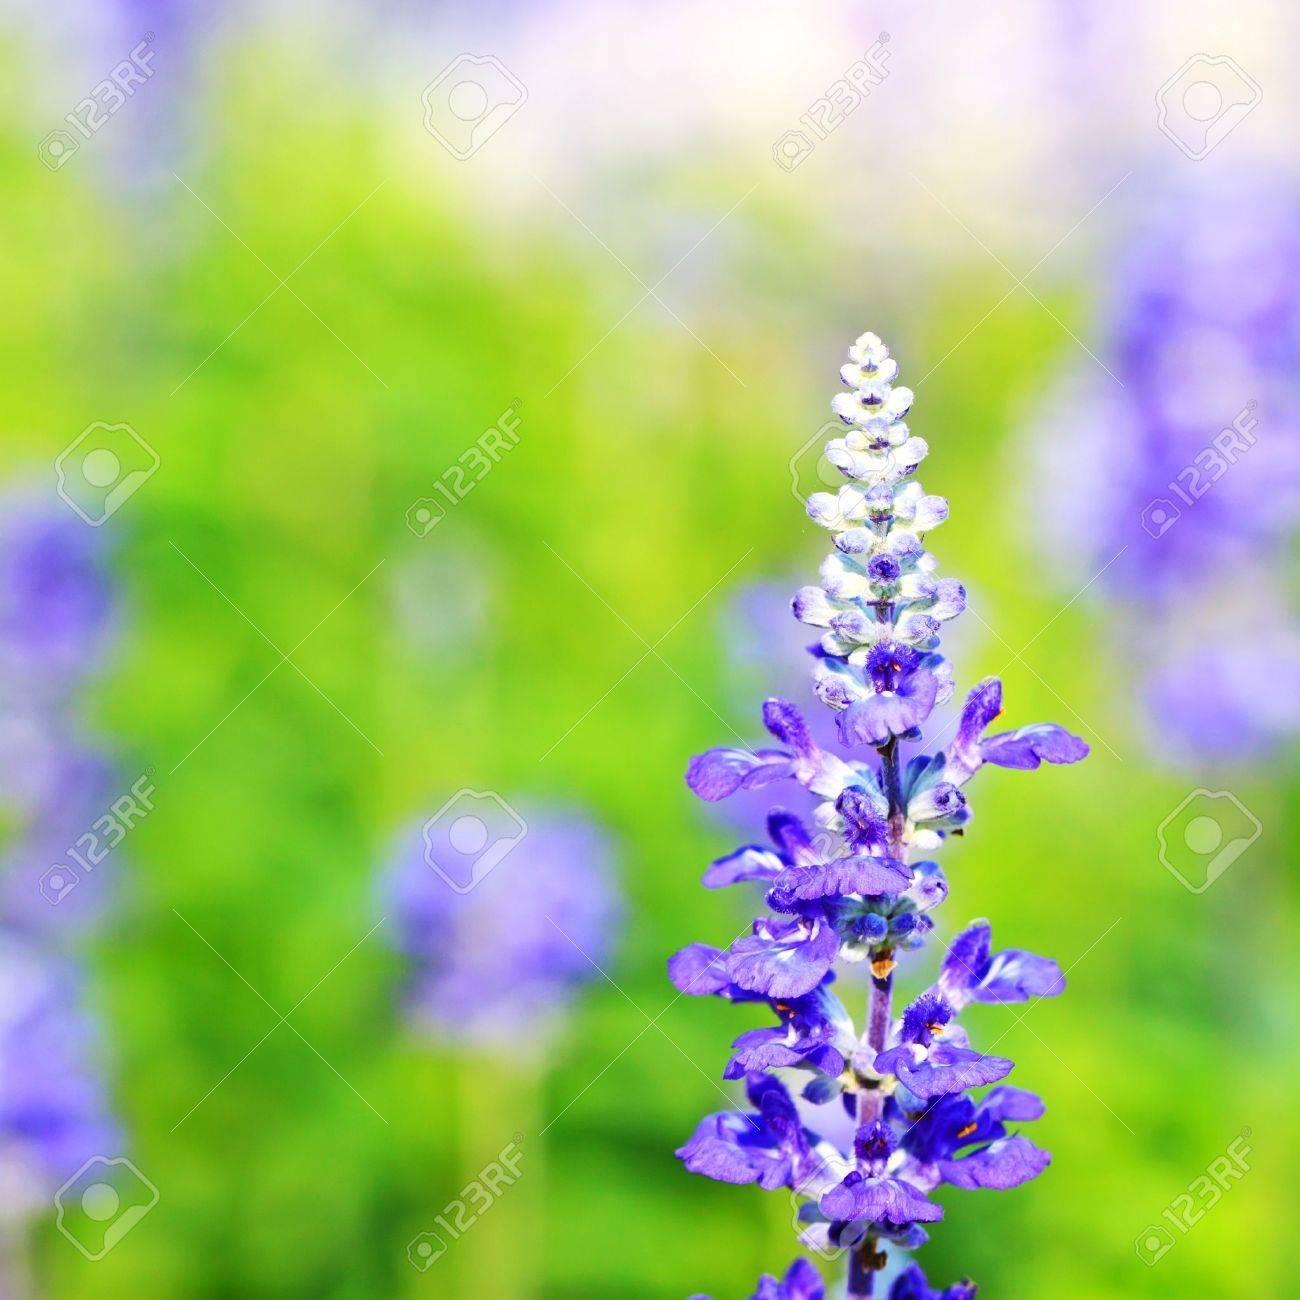 Salvia close-up Stock Photo - 12523682